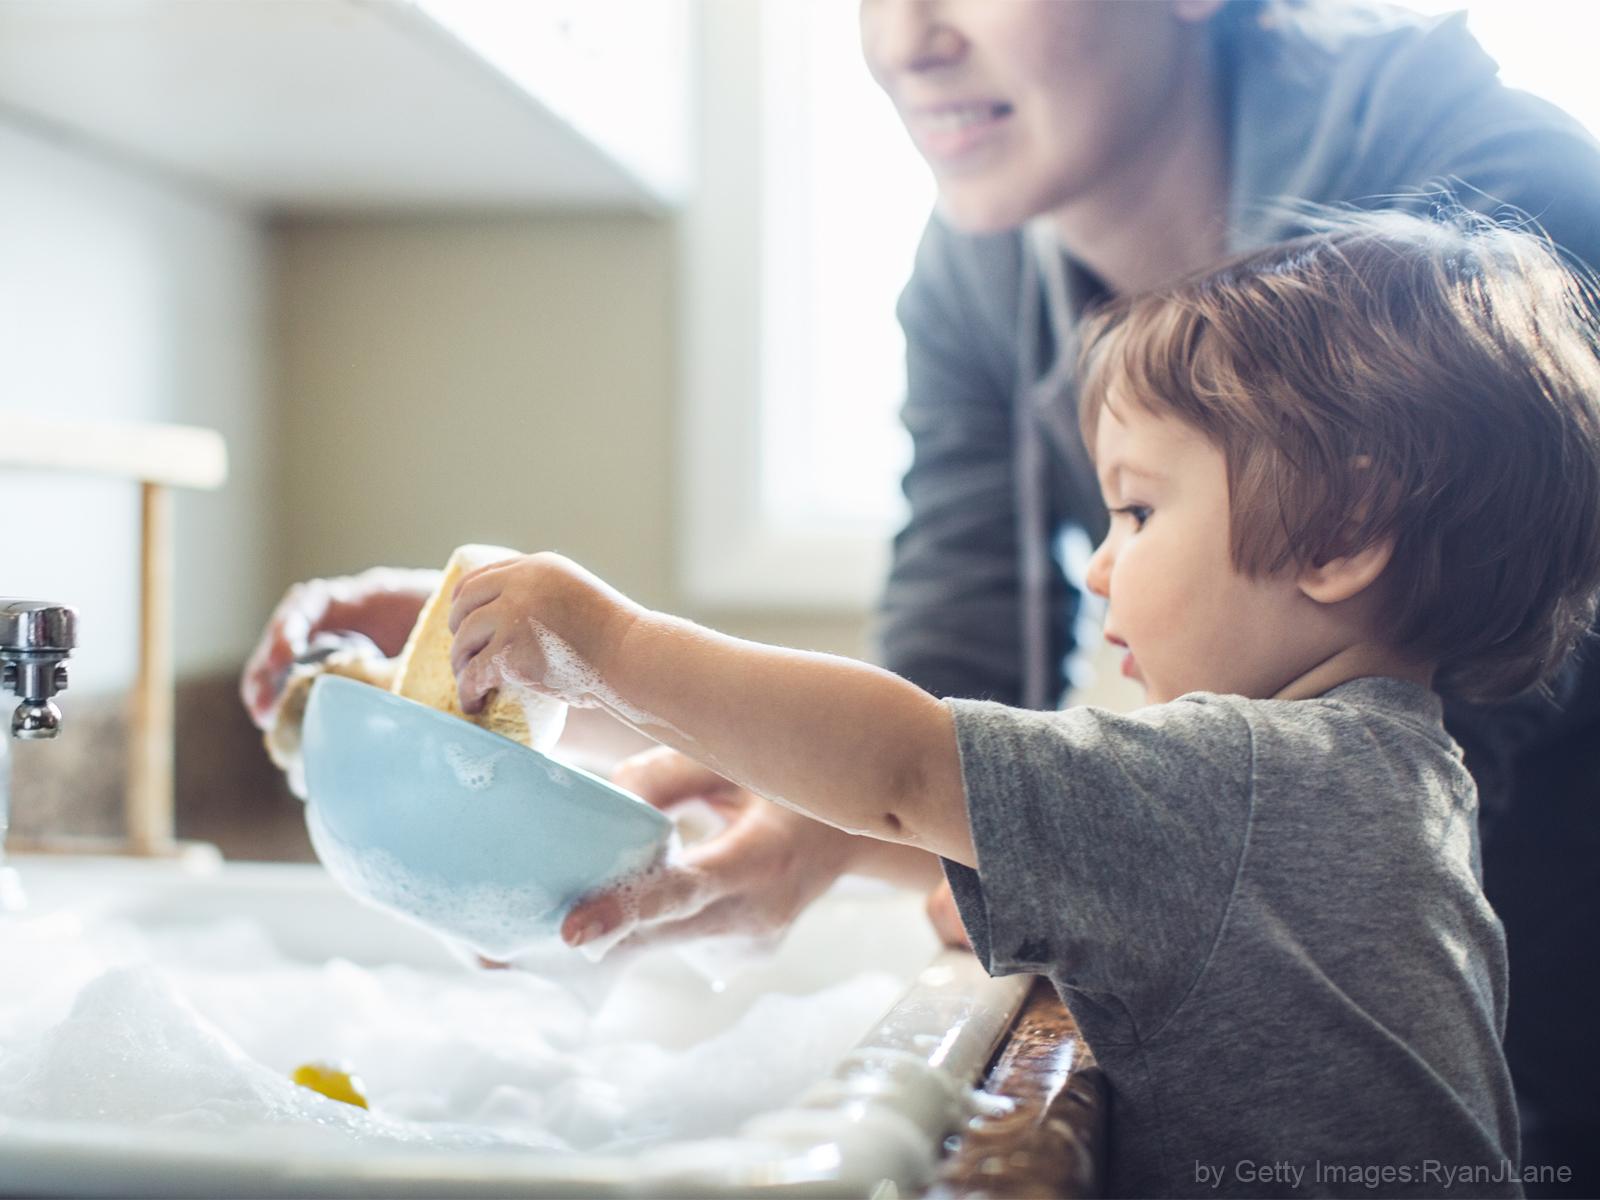 Tarefas domésticas e filhos como inseri-los nesta rotina?